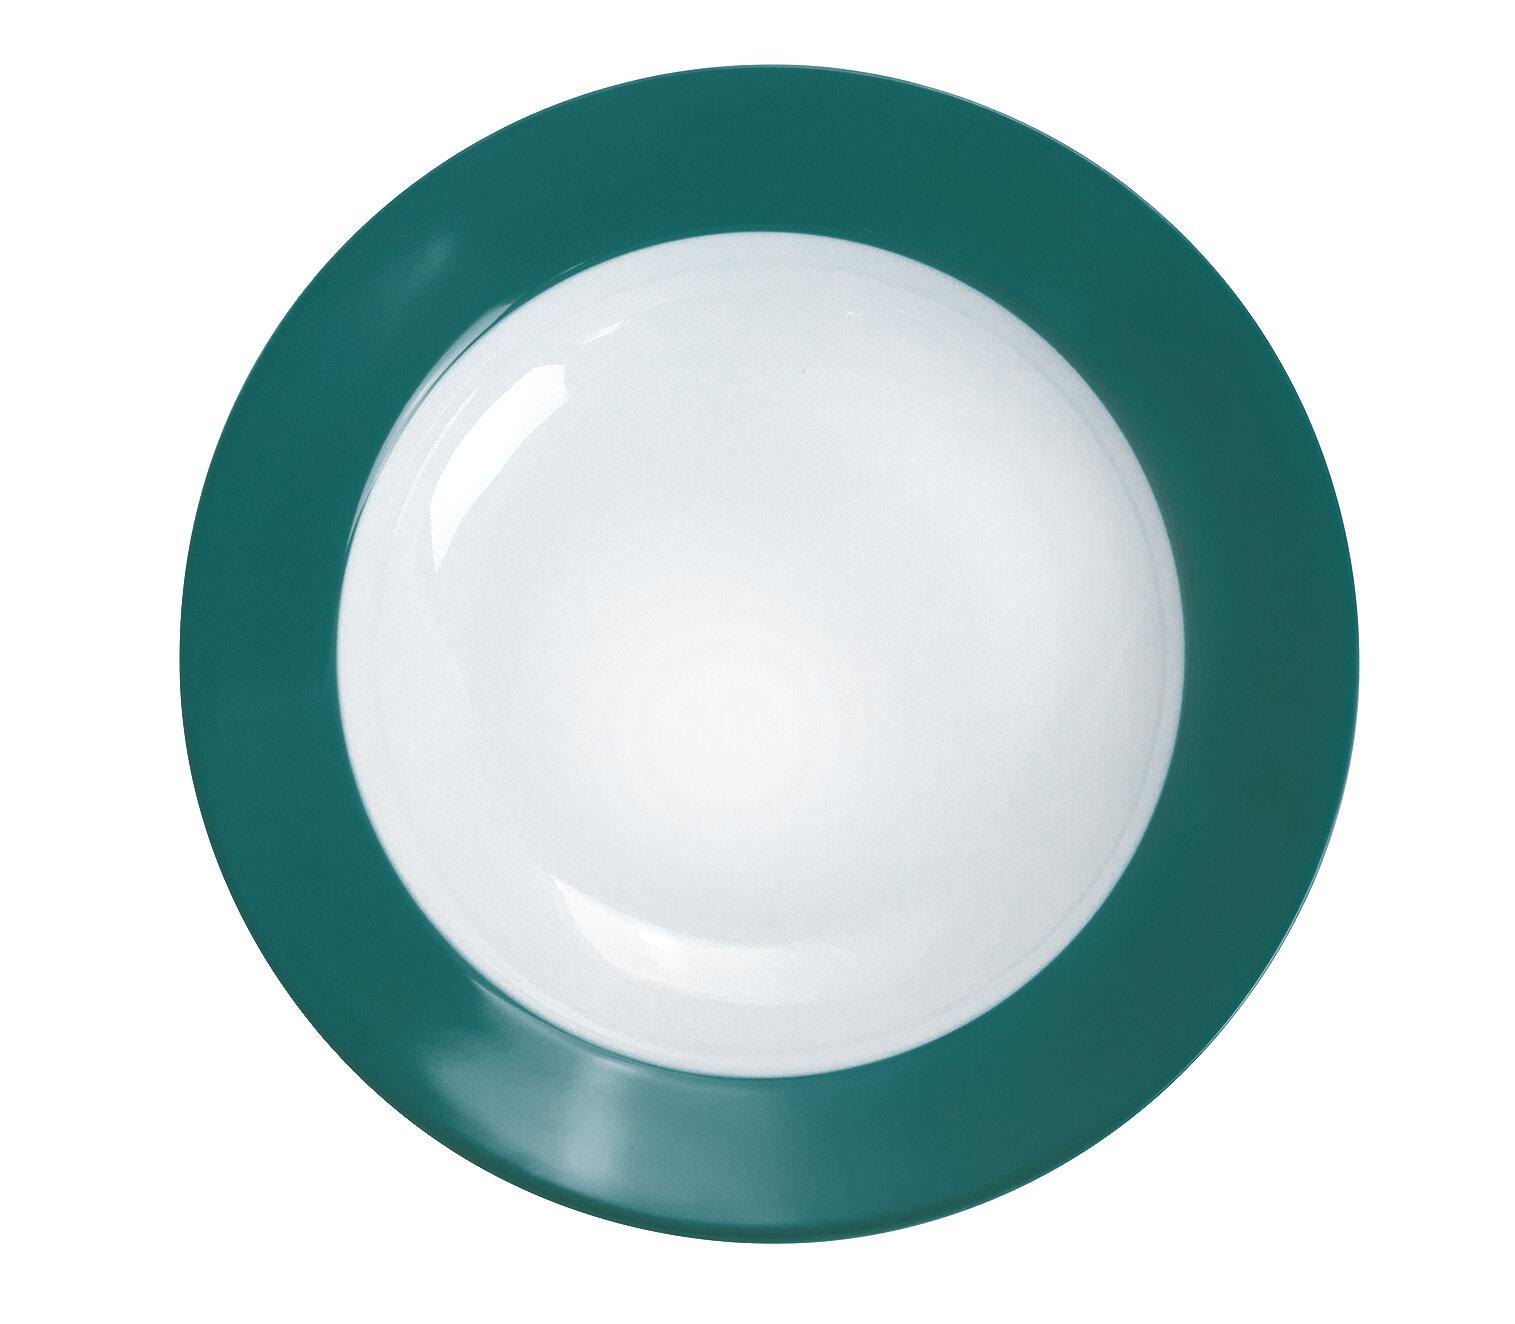 Kahla Pronto Colore 22cm Soup Plate | Wayfair.co.uk